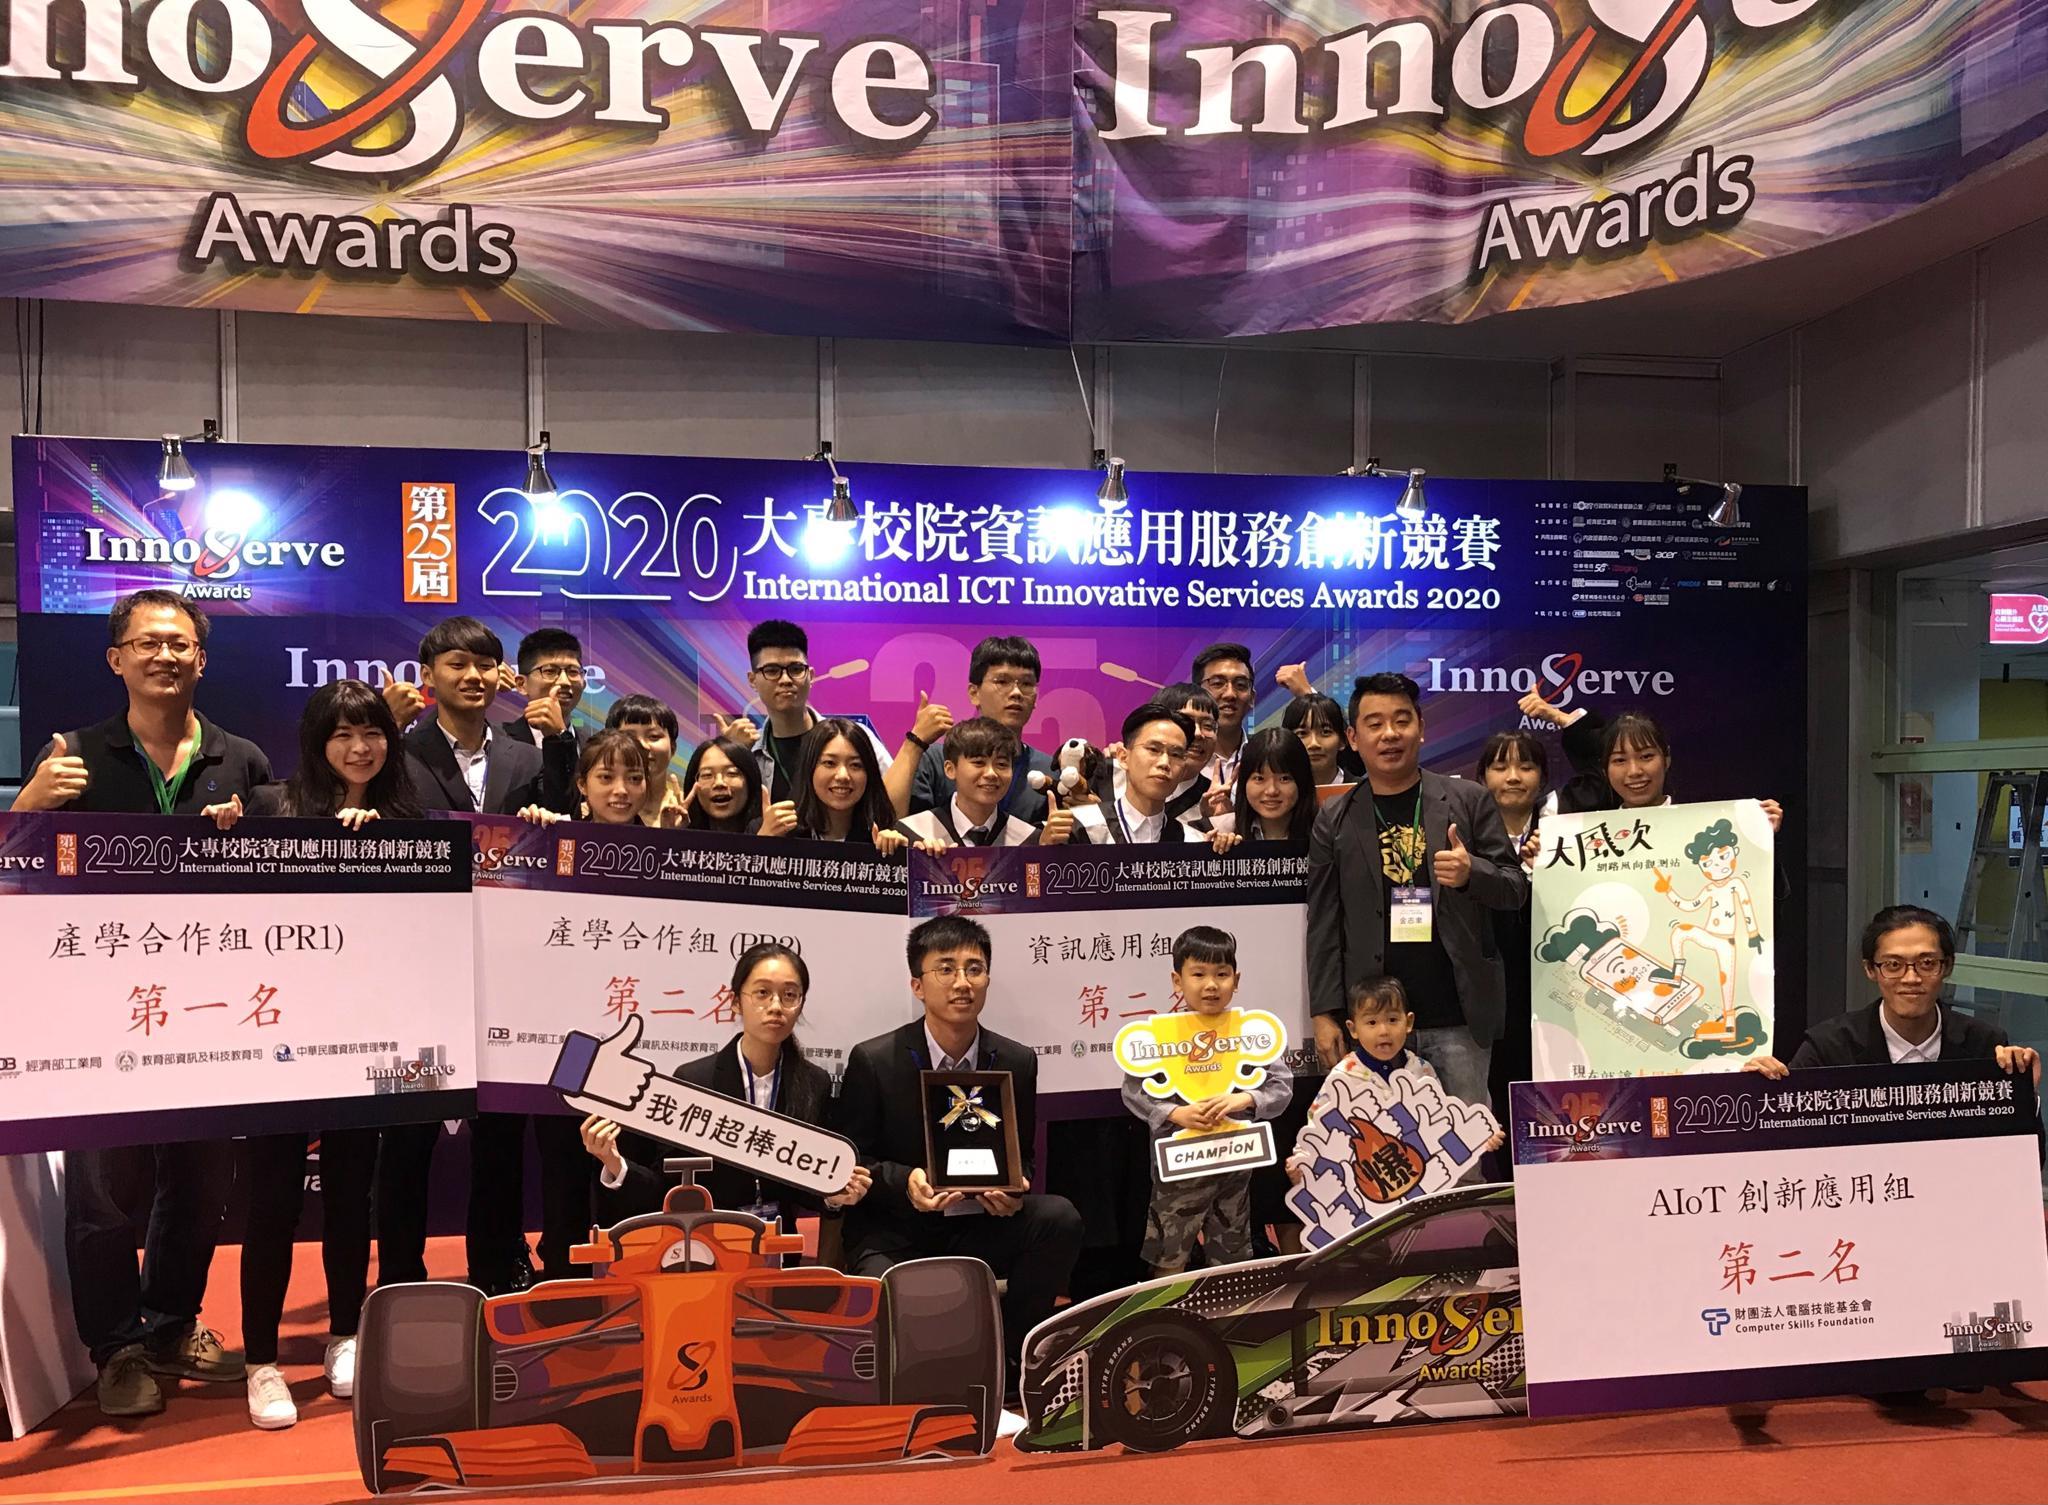 全國資訊應用服務創新競賽 中原大學三連霸 全國最大贏家!